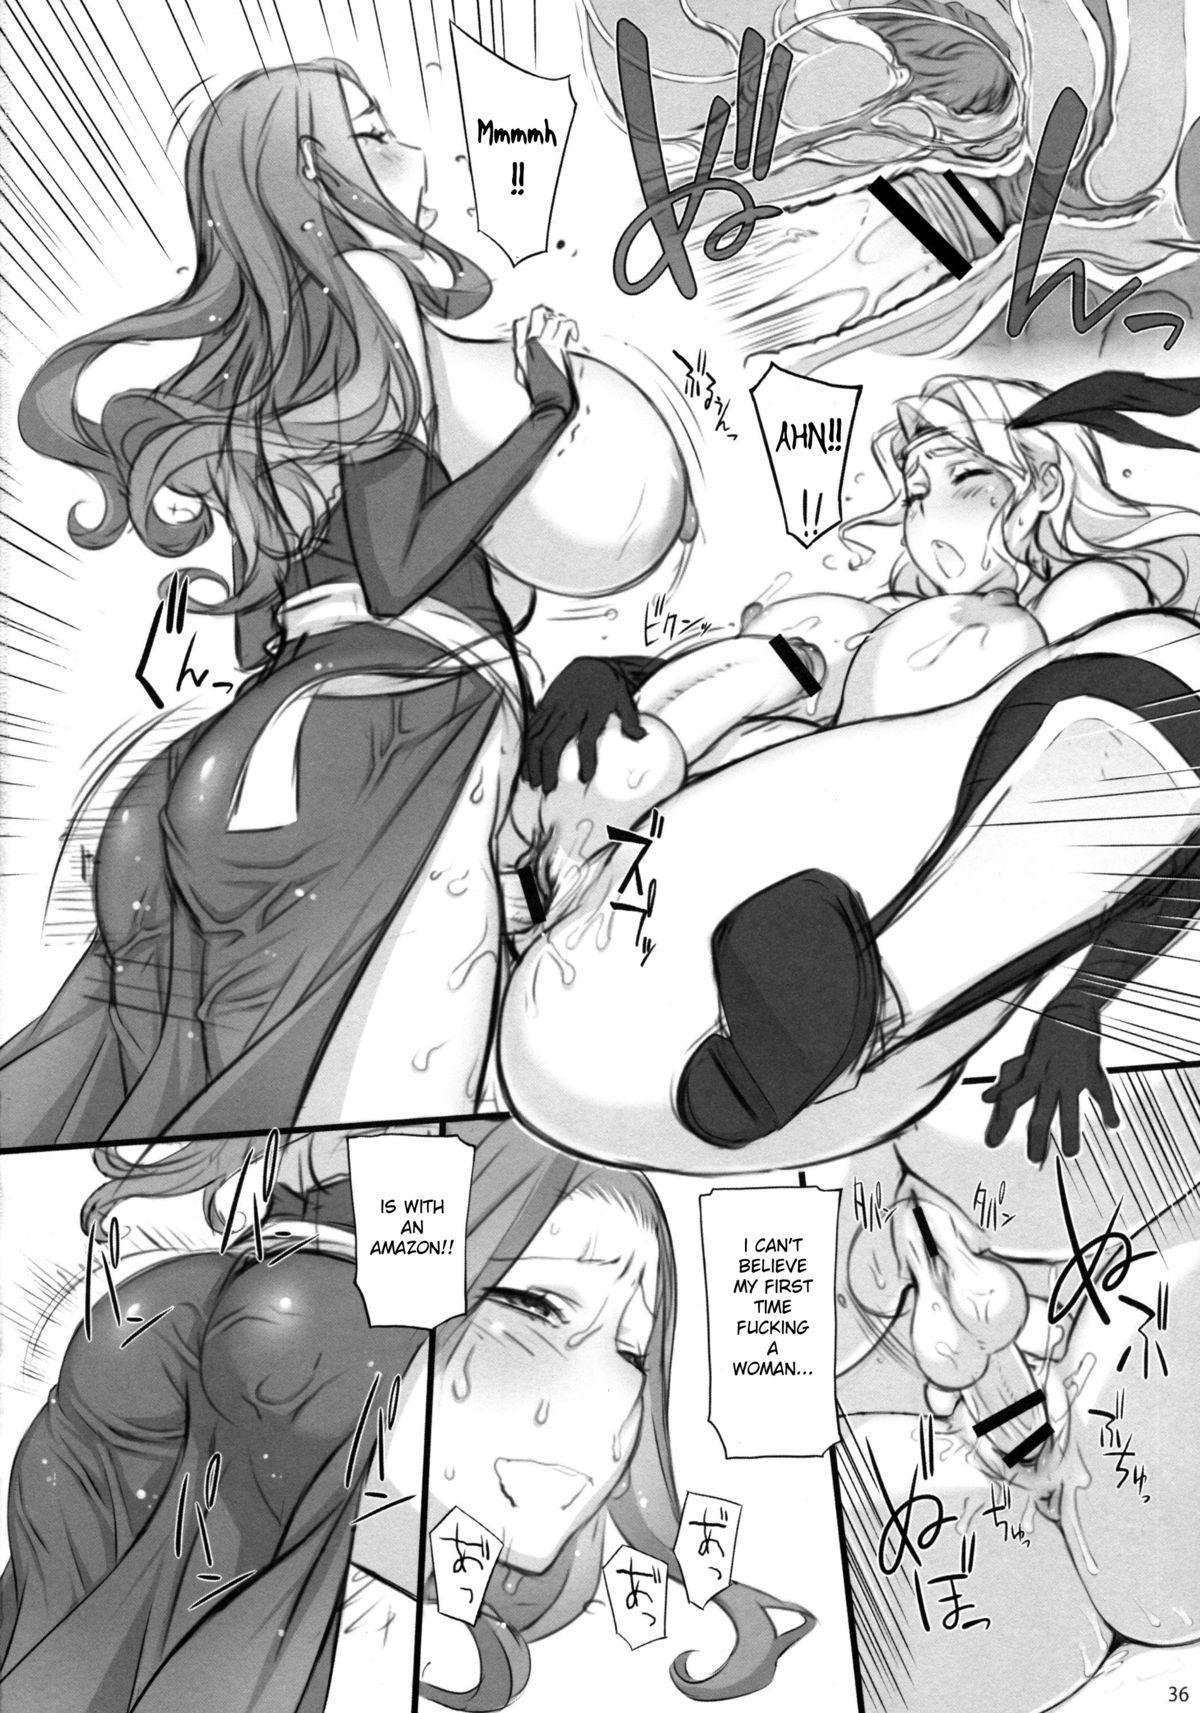 Sorceress no Natsu, Amazon no Natsu. | Summer of Sorceress, Summer of Amazon 35